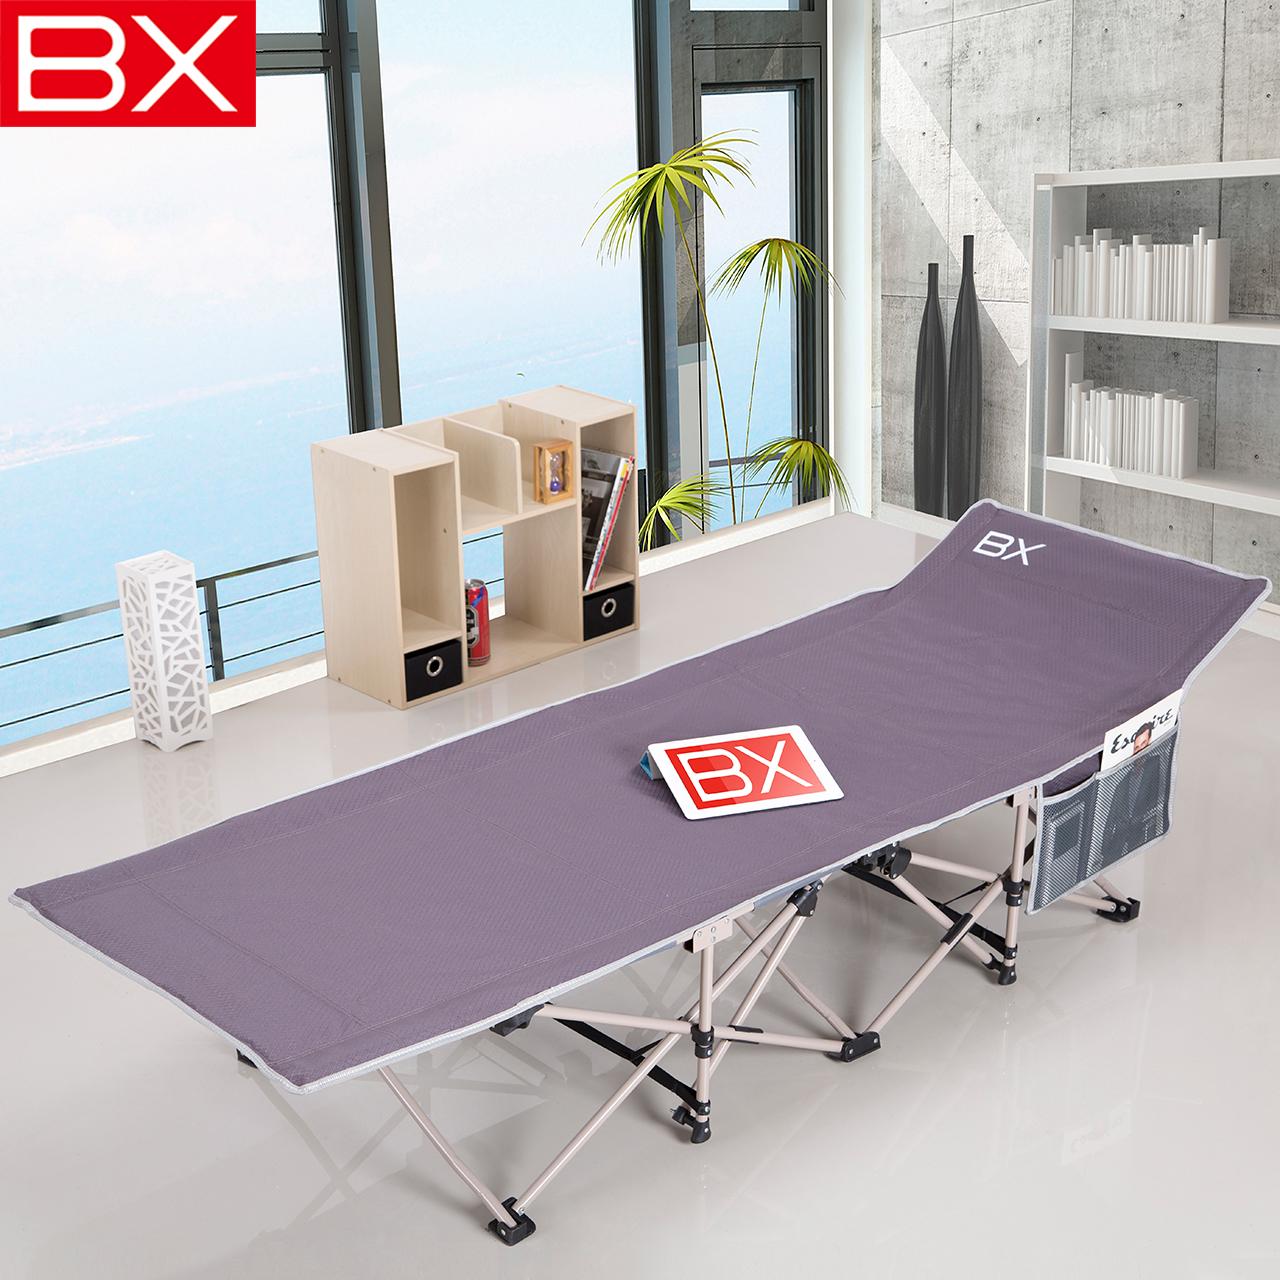 bx双层布加强加固折叠午休床BXA01D